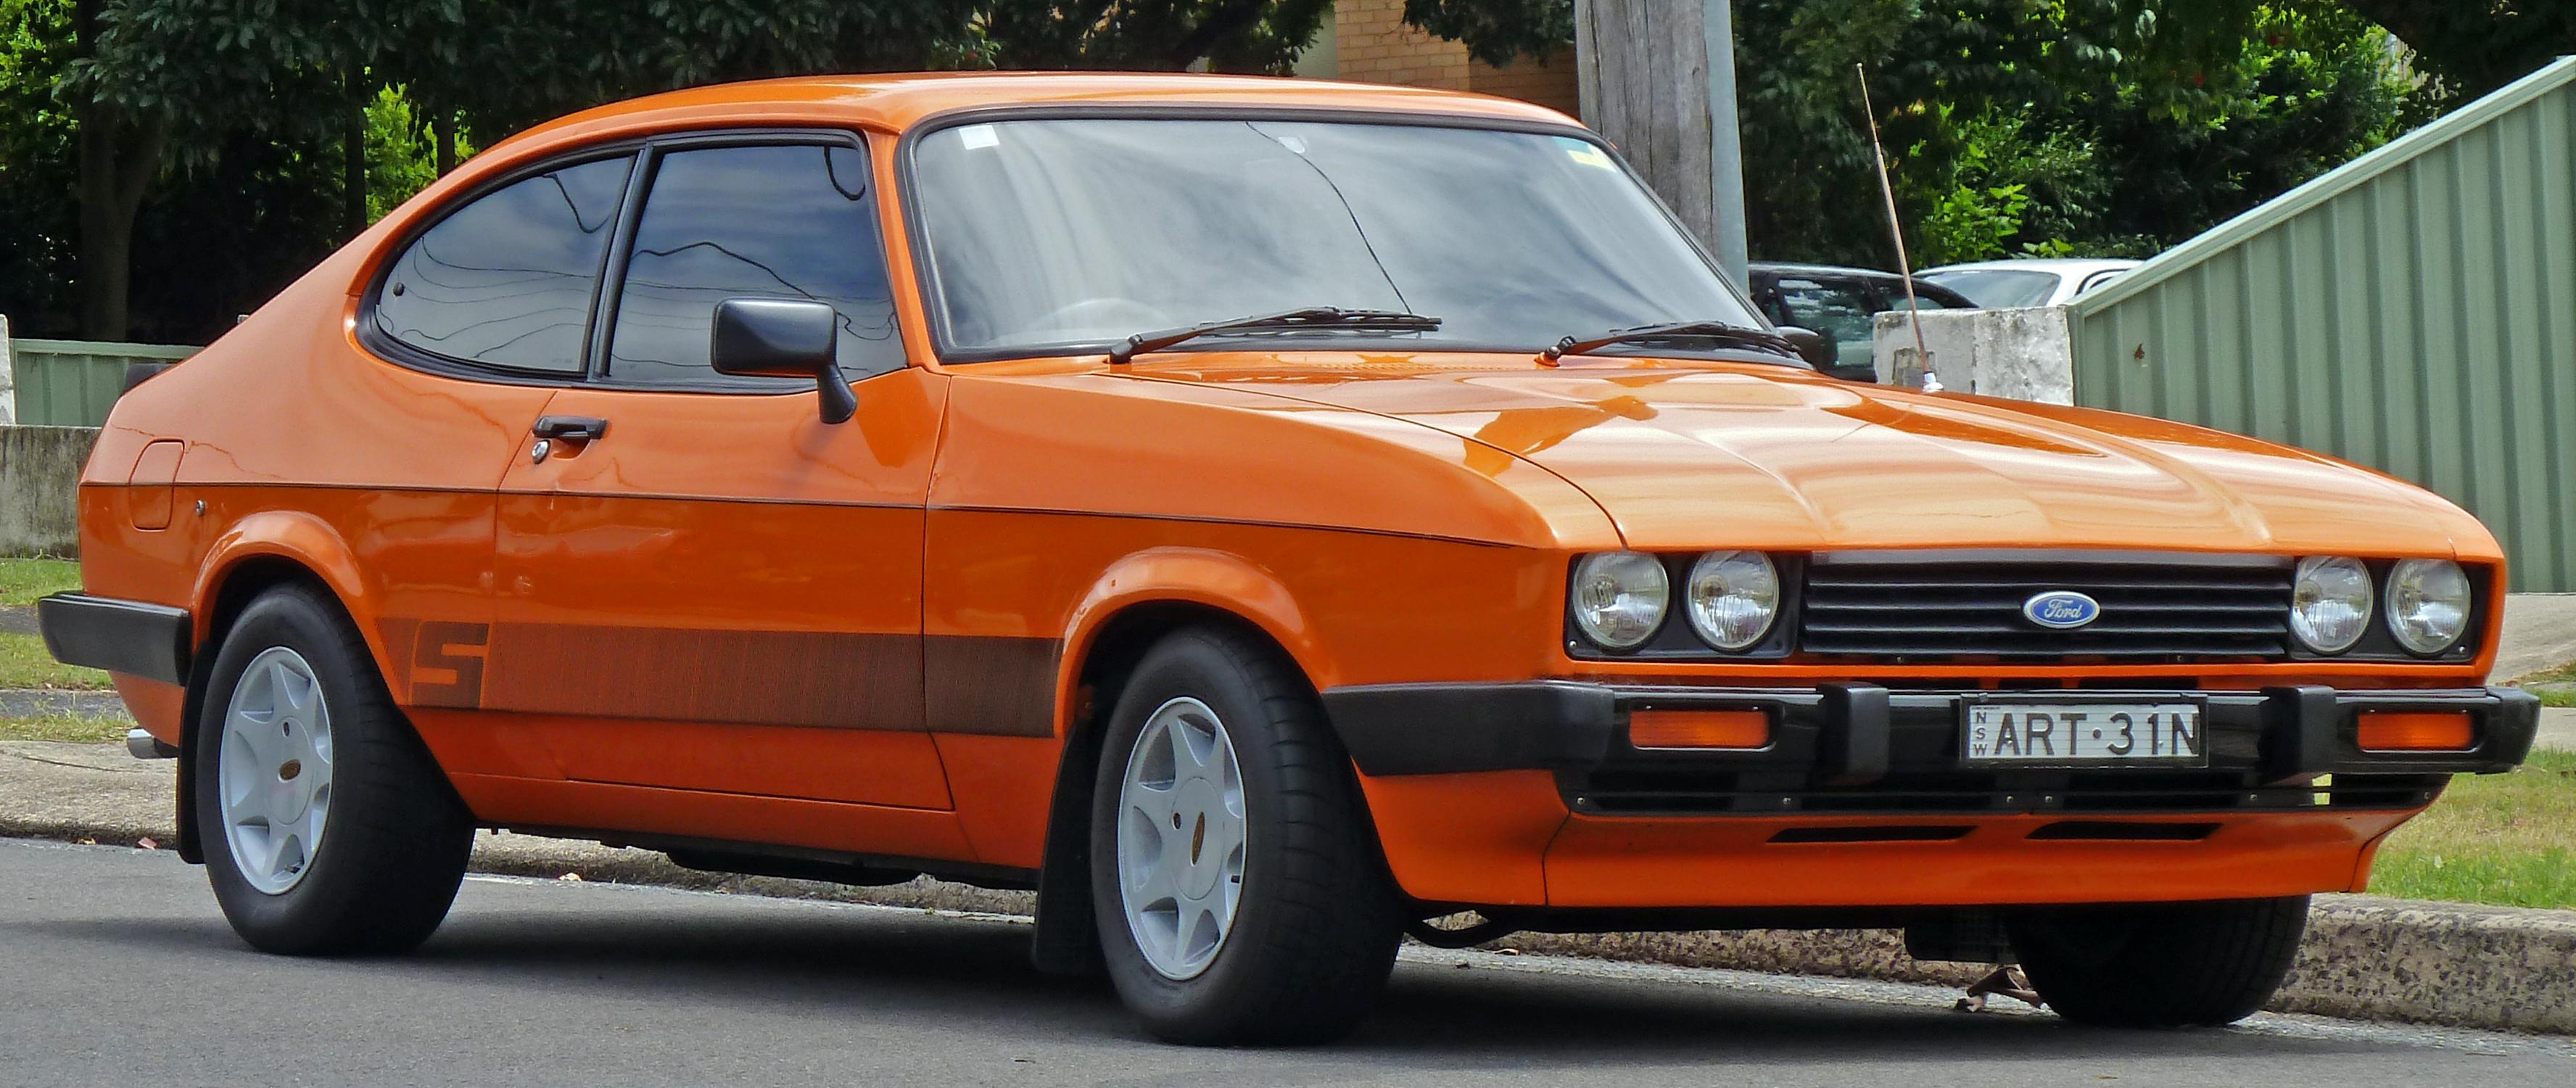 coupé Ford - Actualité auto - FORUM Sport Auto